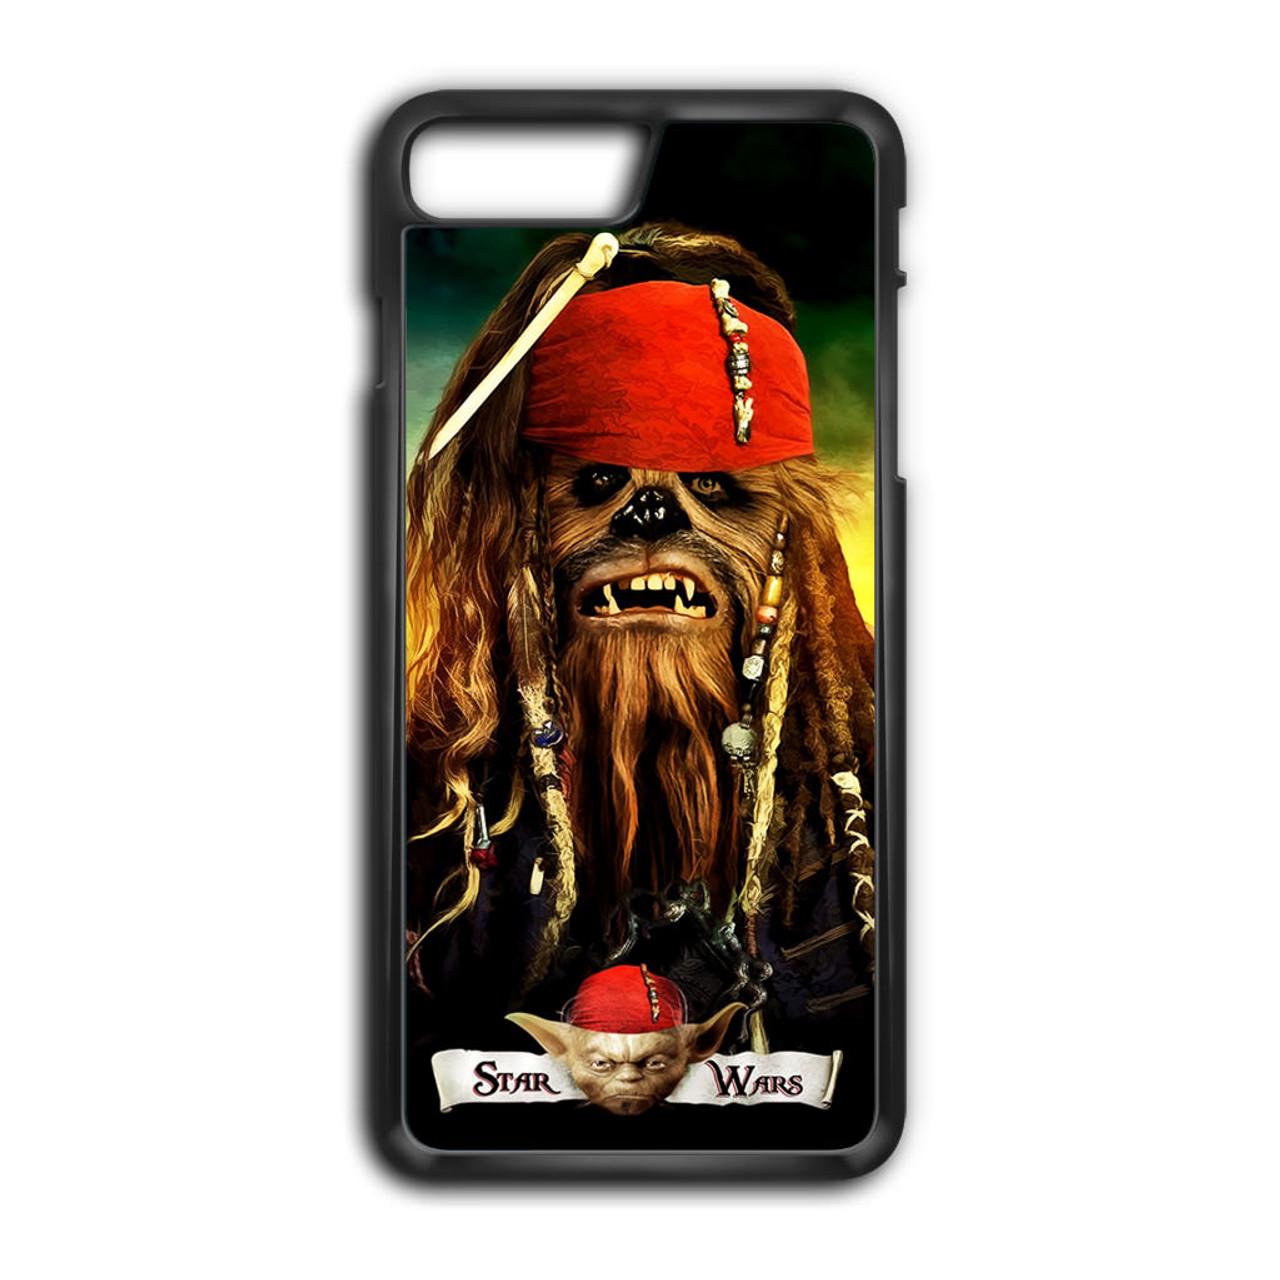 size 40 874e7 0d472 Captain Chewbacca Pirate iPhone 8 Plus Case